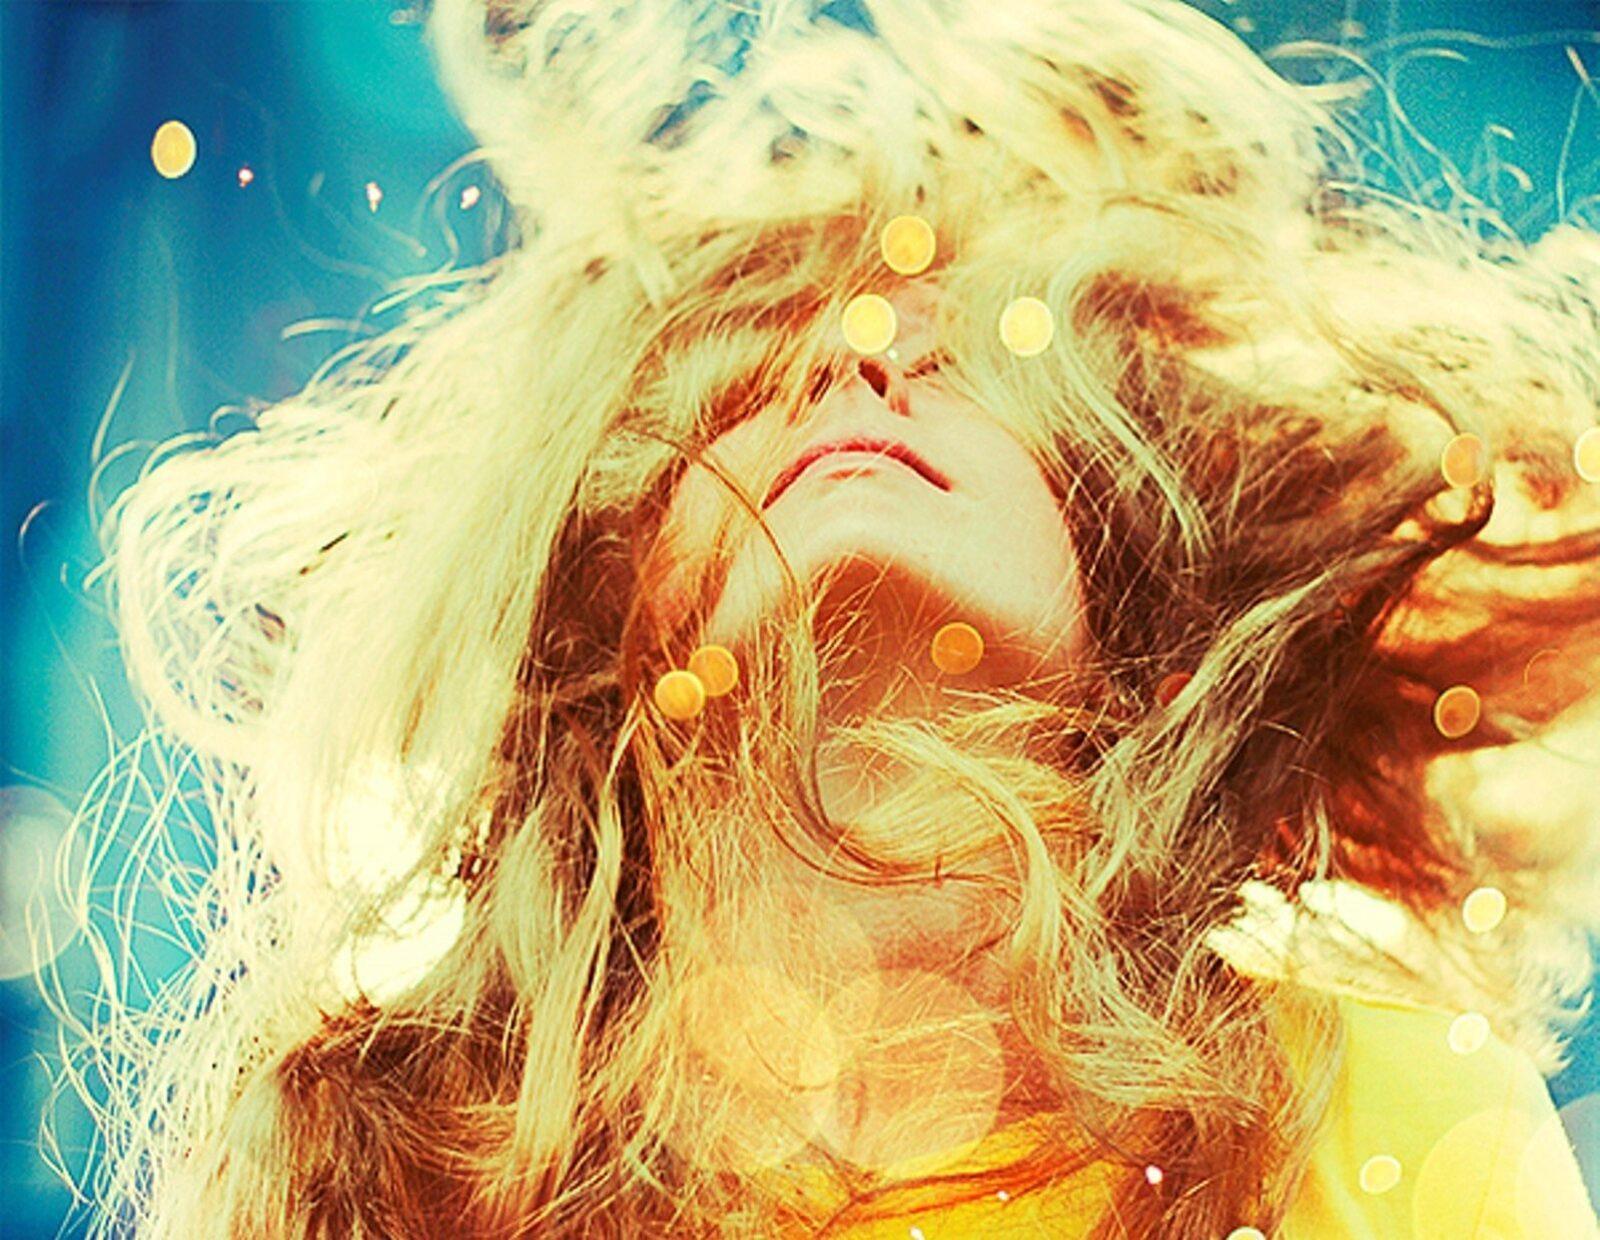 Утро начинается, солнце просыпается… Выключите телевизор и почувствуйте солнце на своем лице